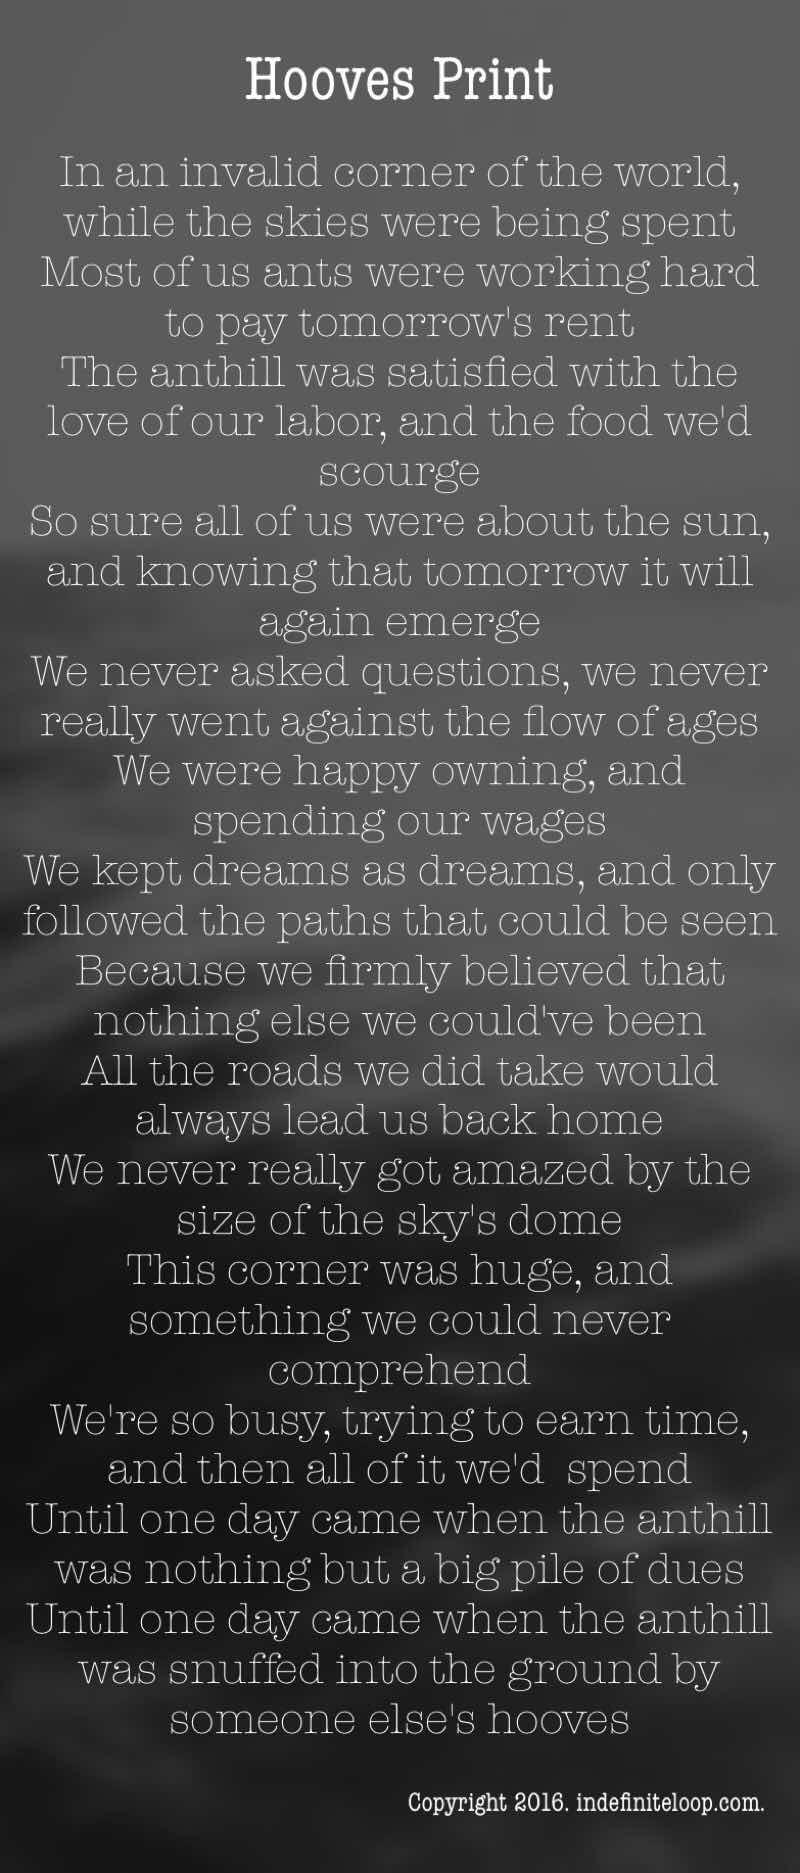 Hooves Print - Poem - Copyright indefiniteloop.com